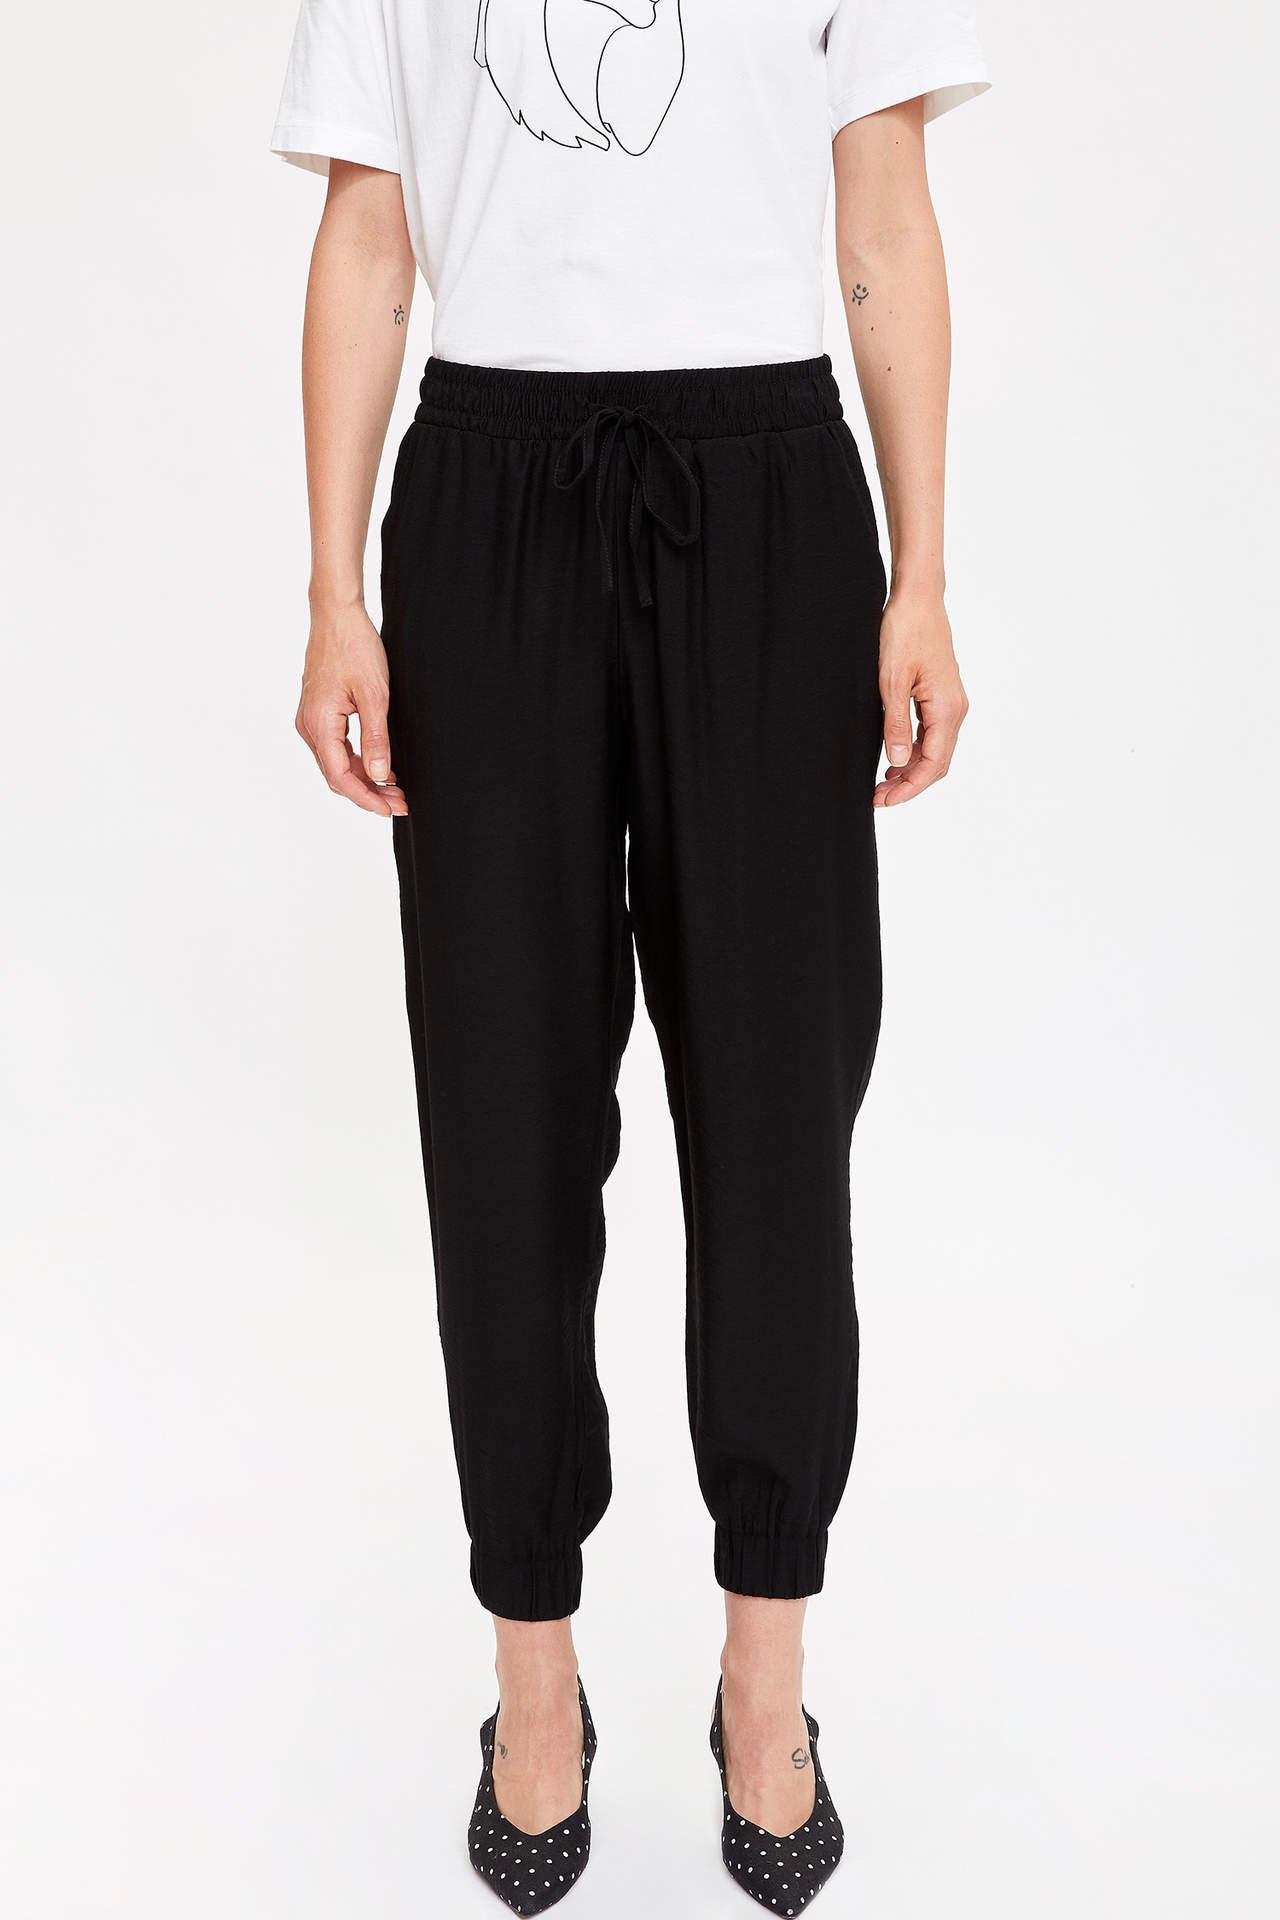 Defacto Kadın Paçası Lastikli Relax Fit Pantolon